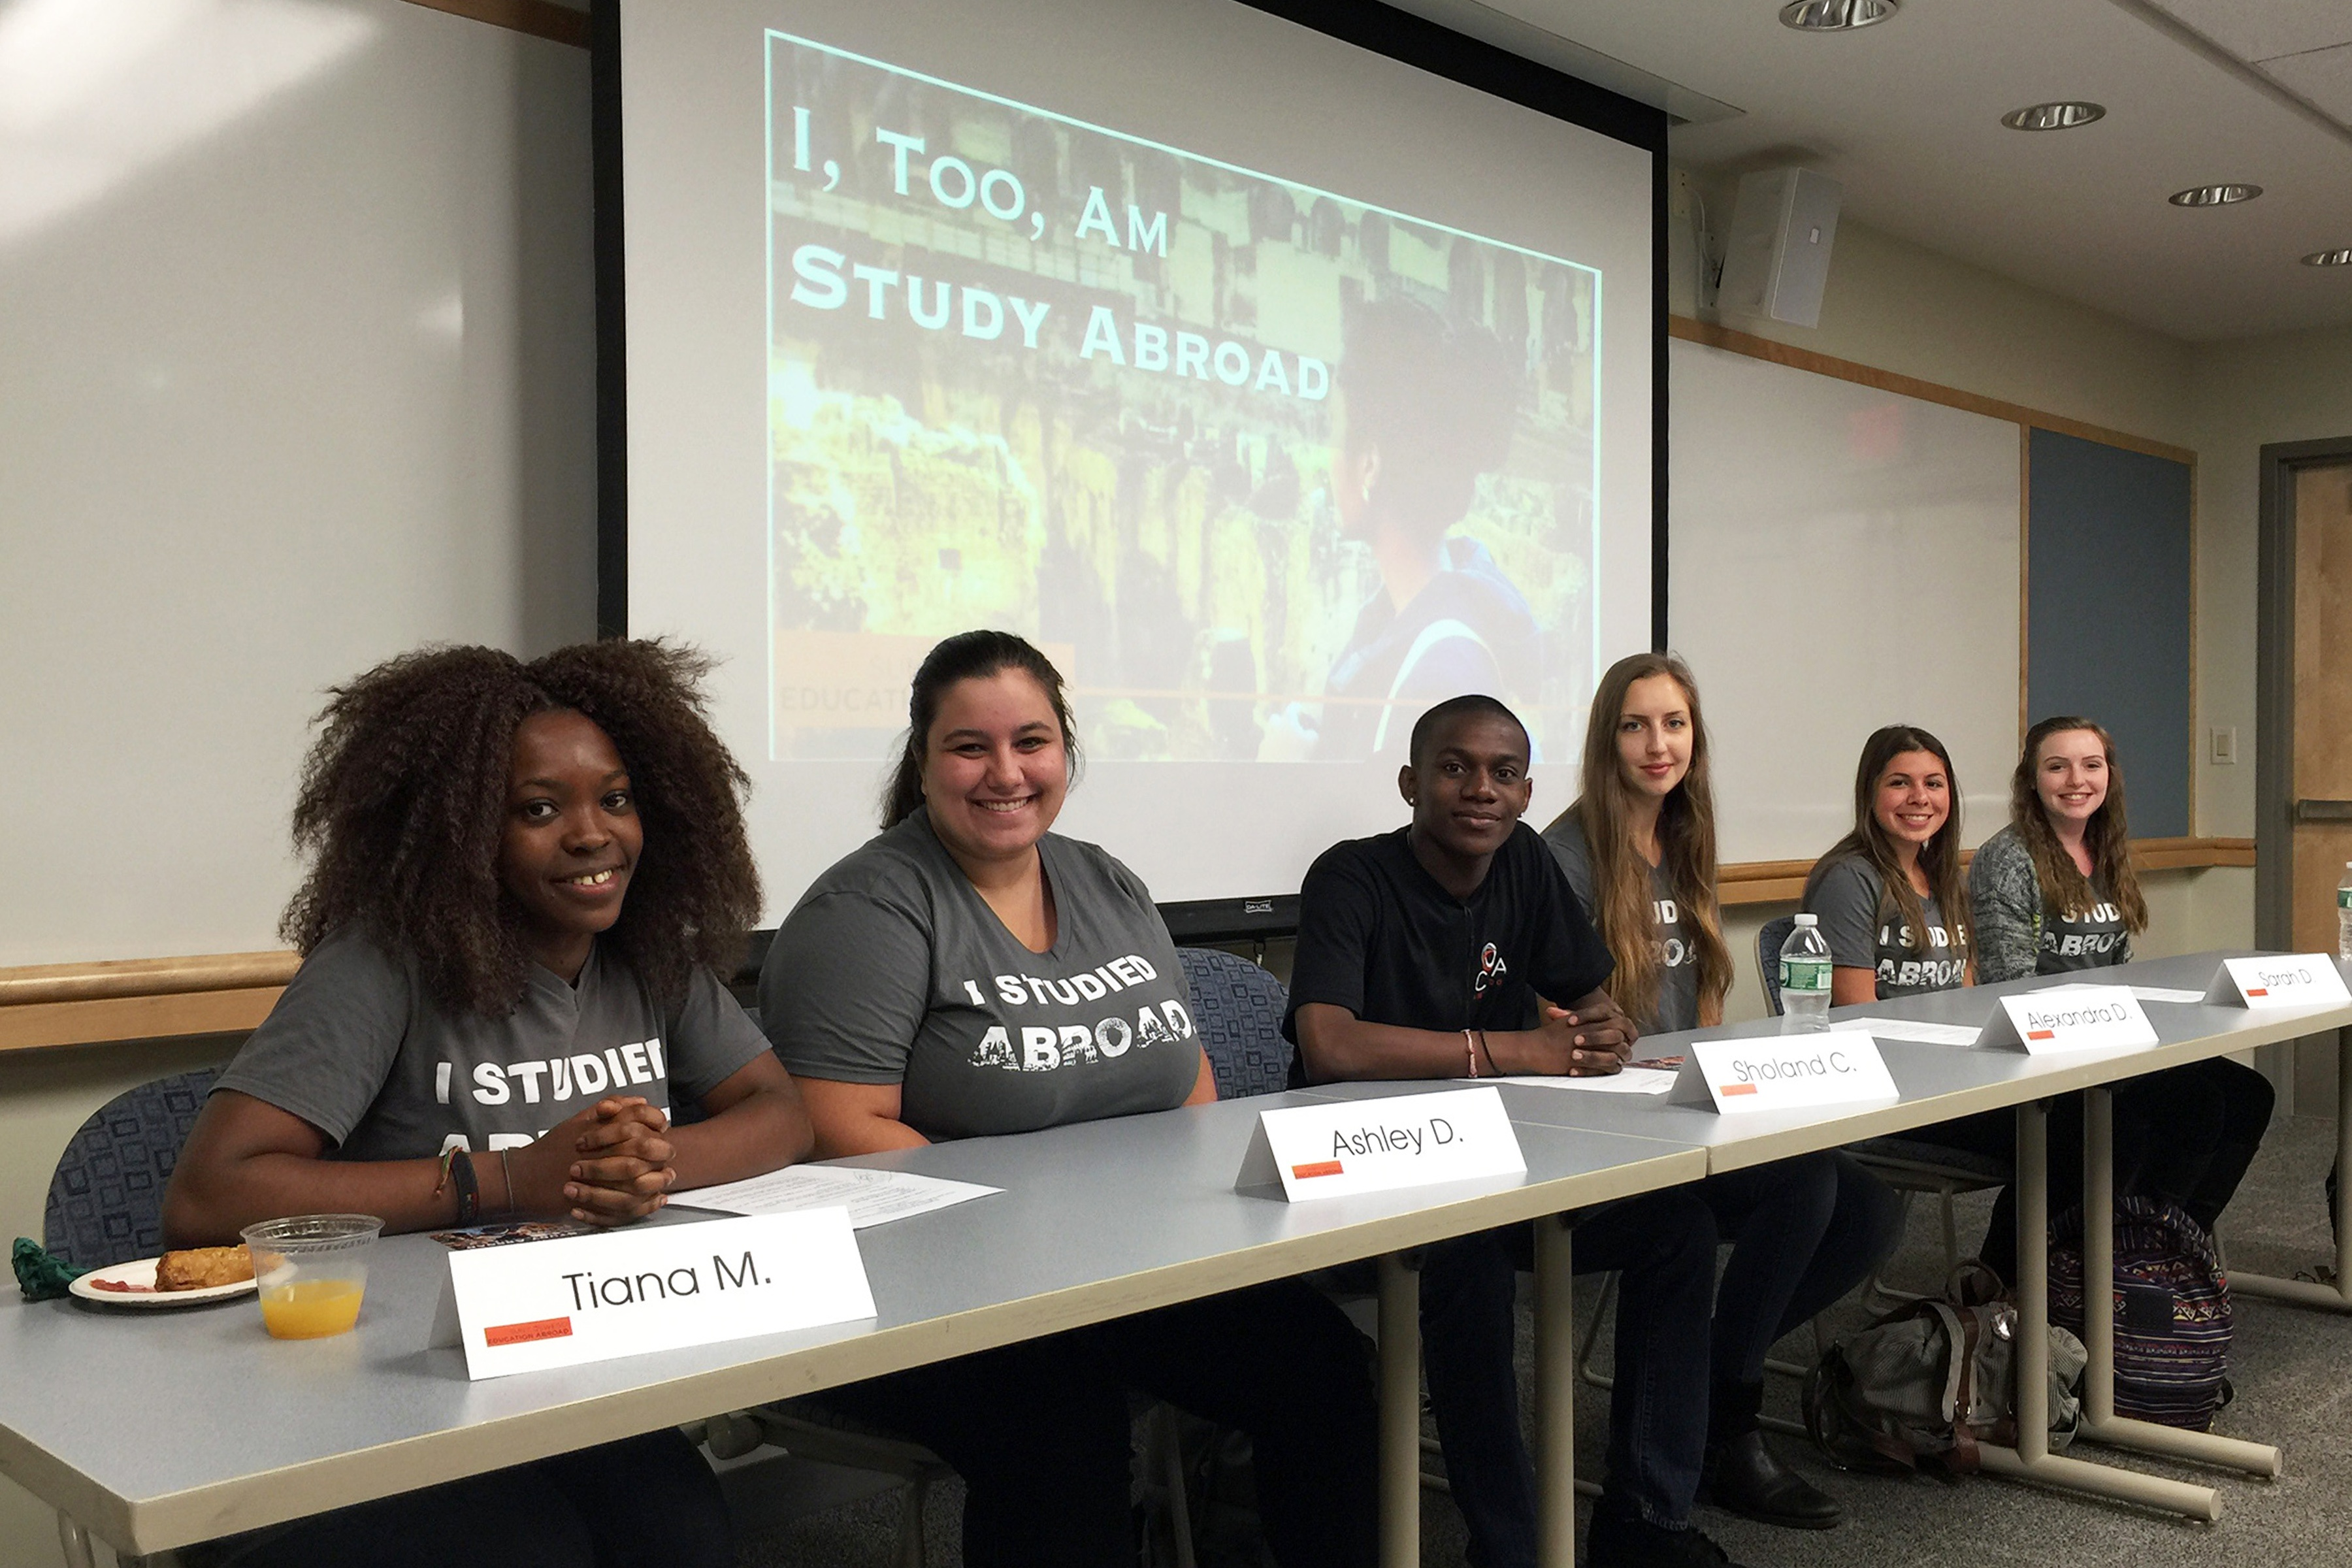 Tiana Morris Alumni Post 3.jpg